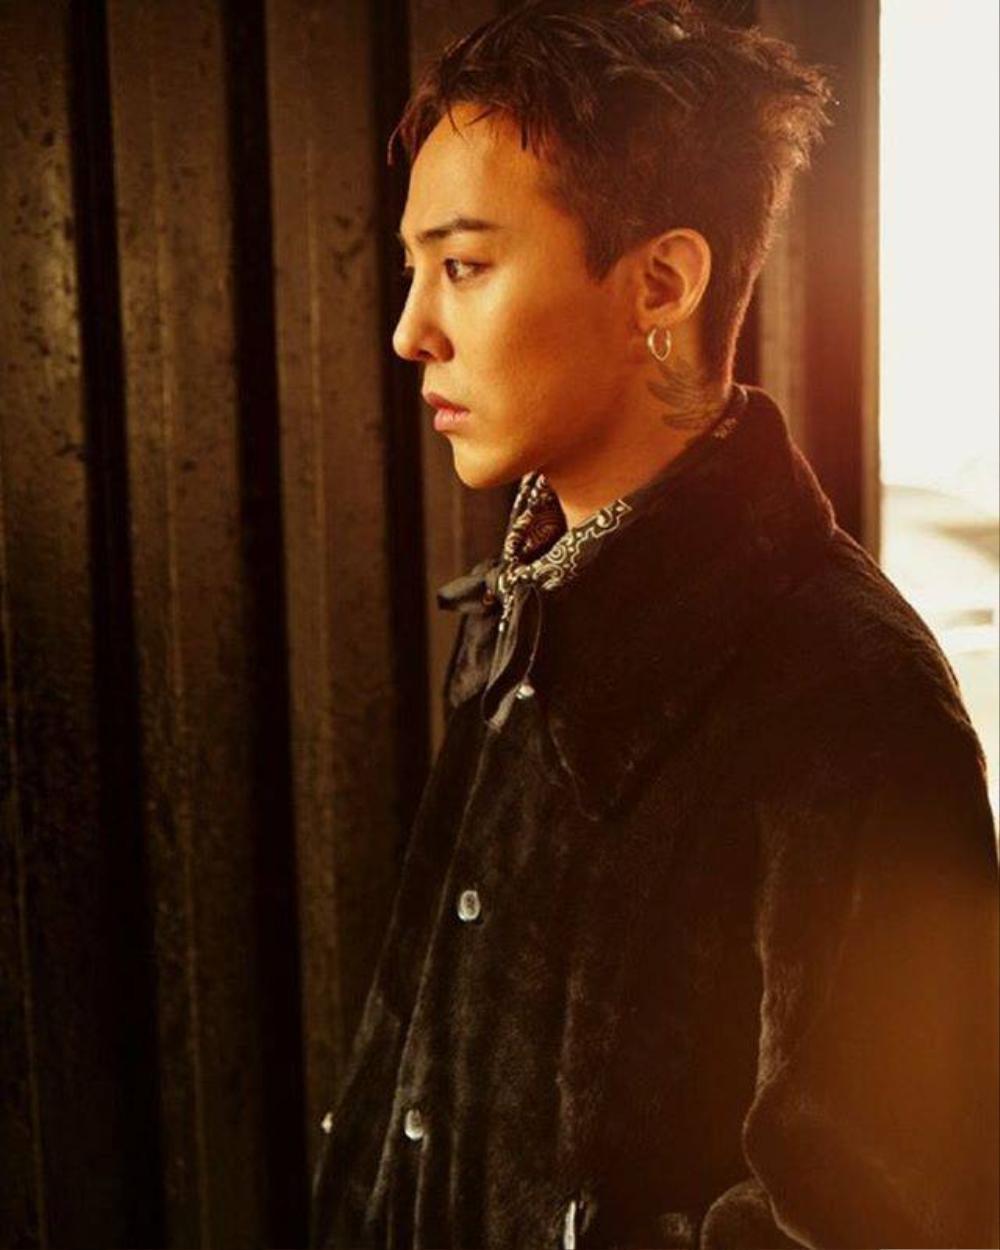 Giữa ồn ào đạo nhạc, dân mạng tâm đắc lời đáp trả của G-Dragon năm 2012: 'Kẻ đạo nhái tôi thật rẻ tiền' Ảnh 3